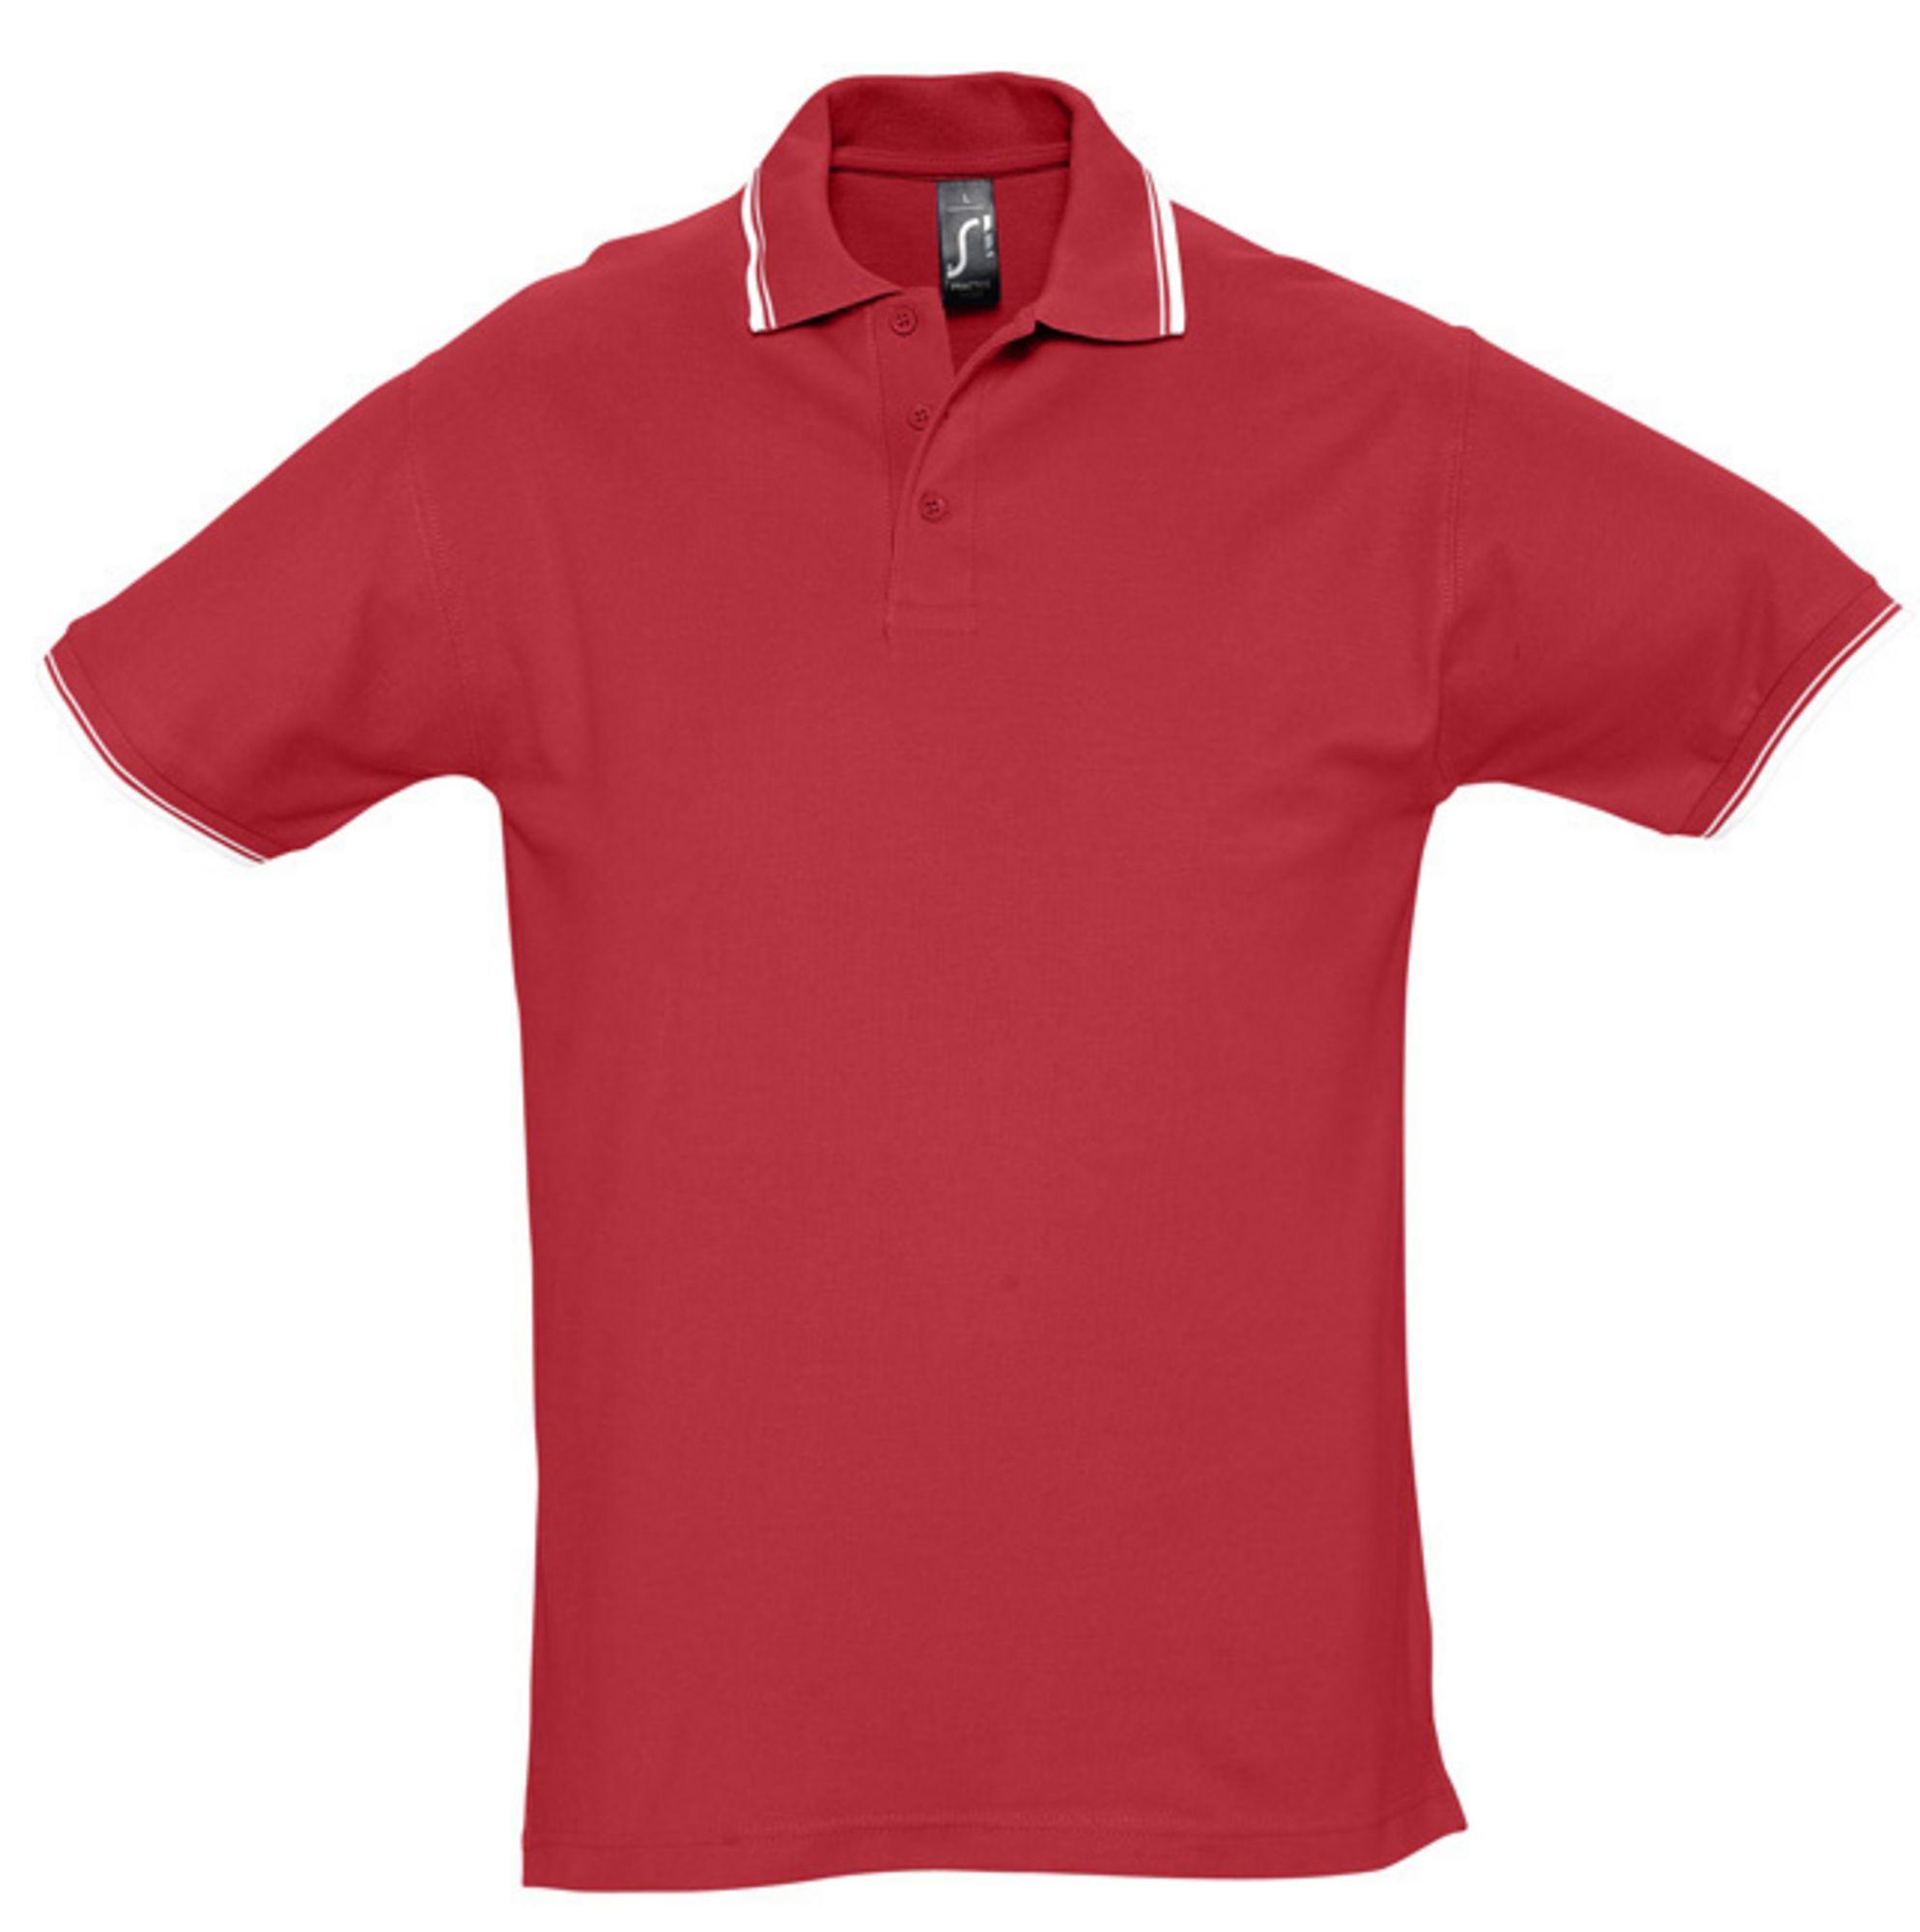 Рубашка поло мужская PRACTICE 270, красный/белый